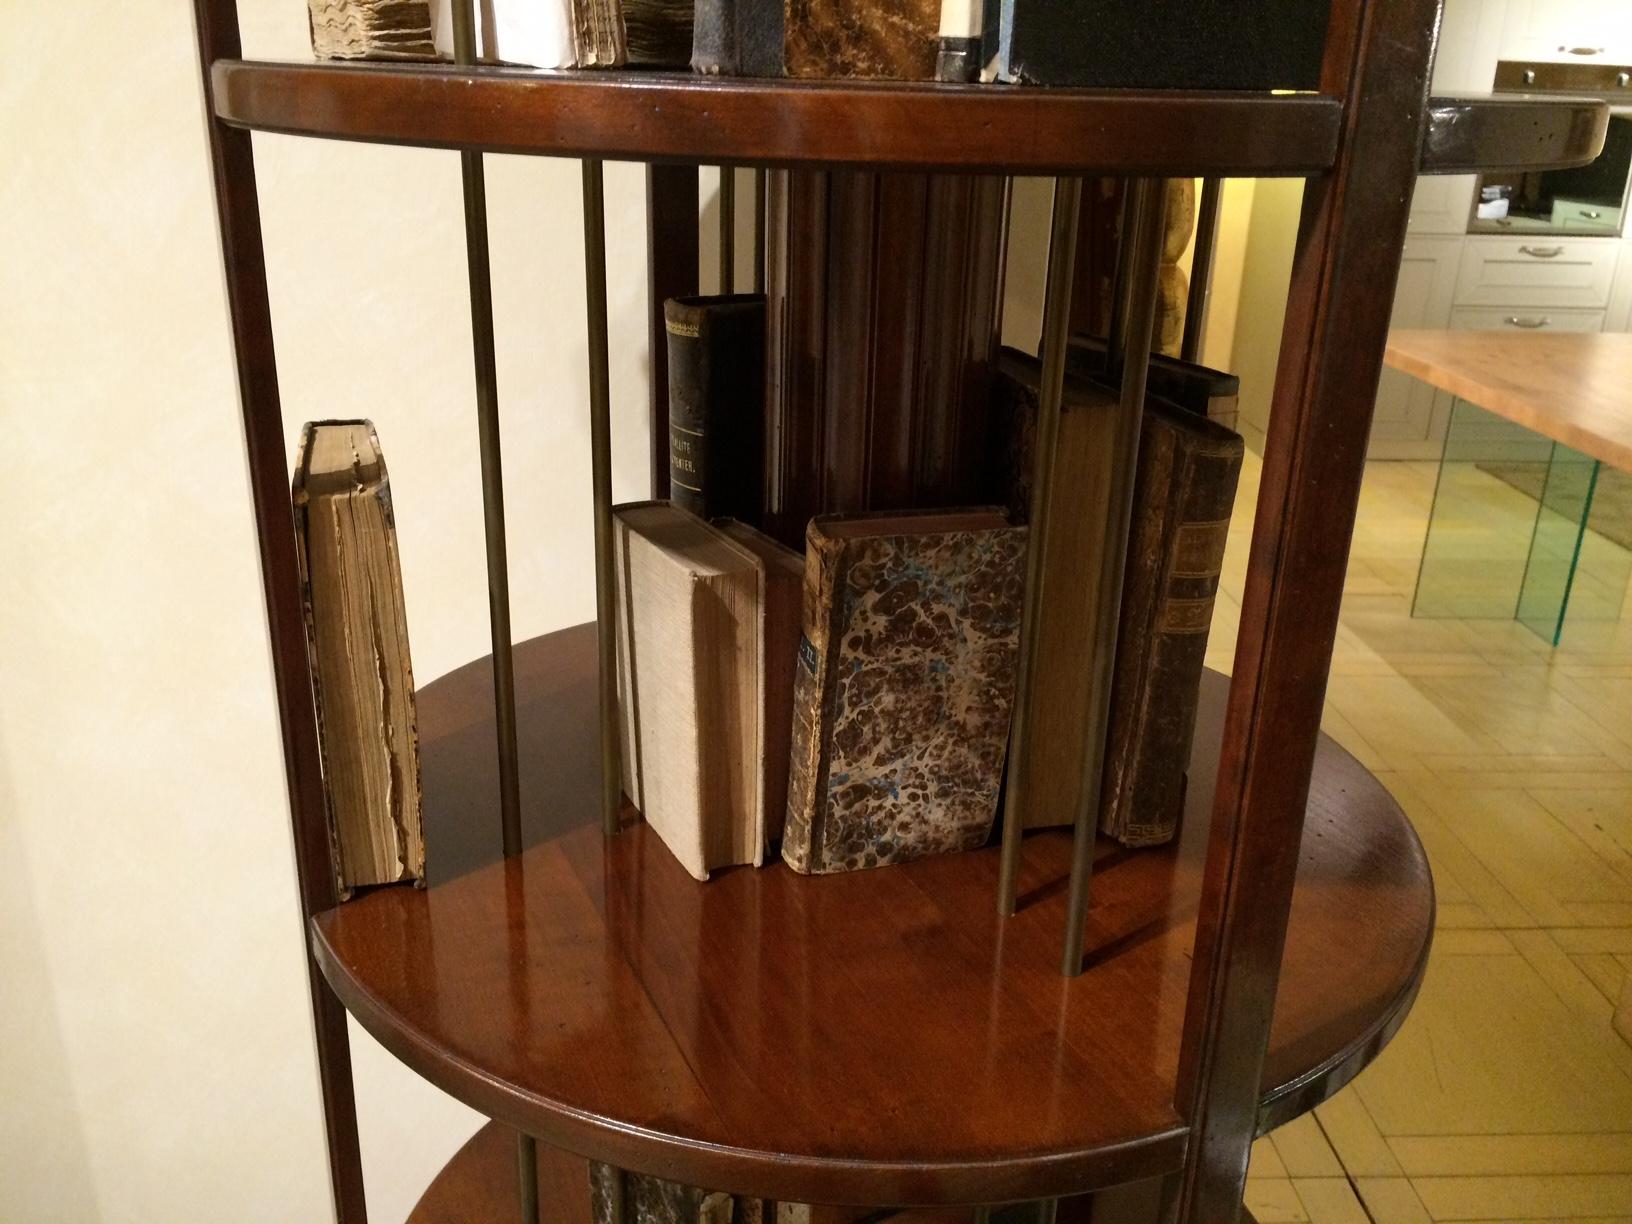 Grande arredo libreria girevole in legno di ciliegio for Arredo legno